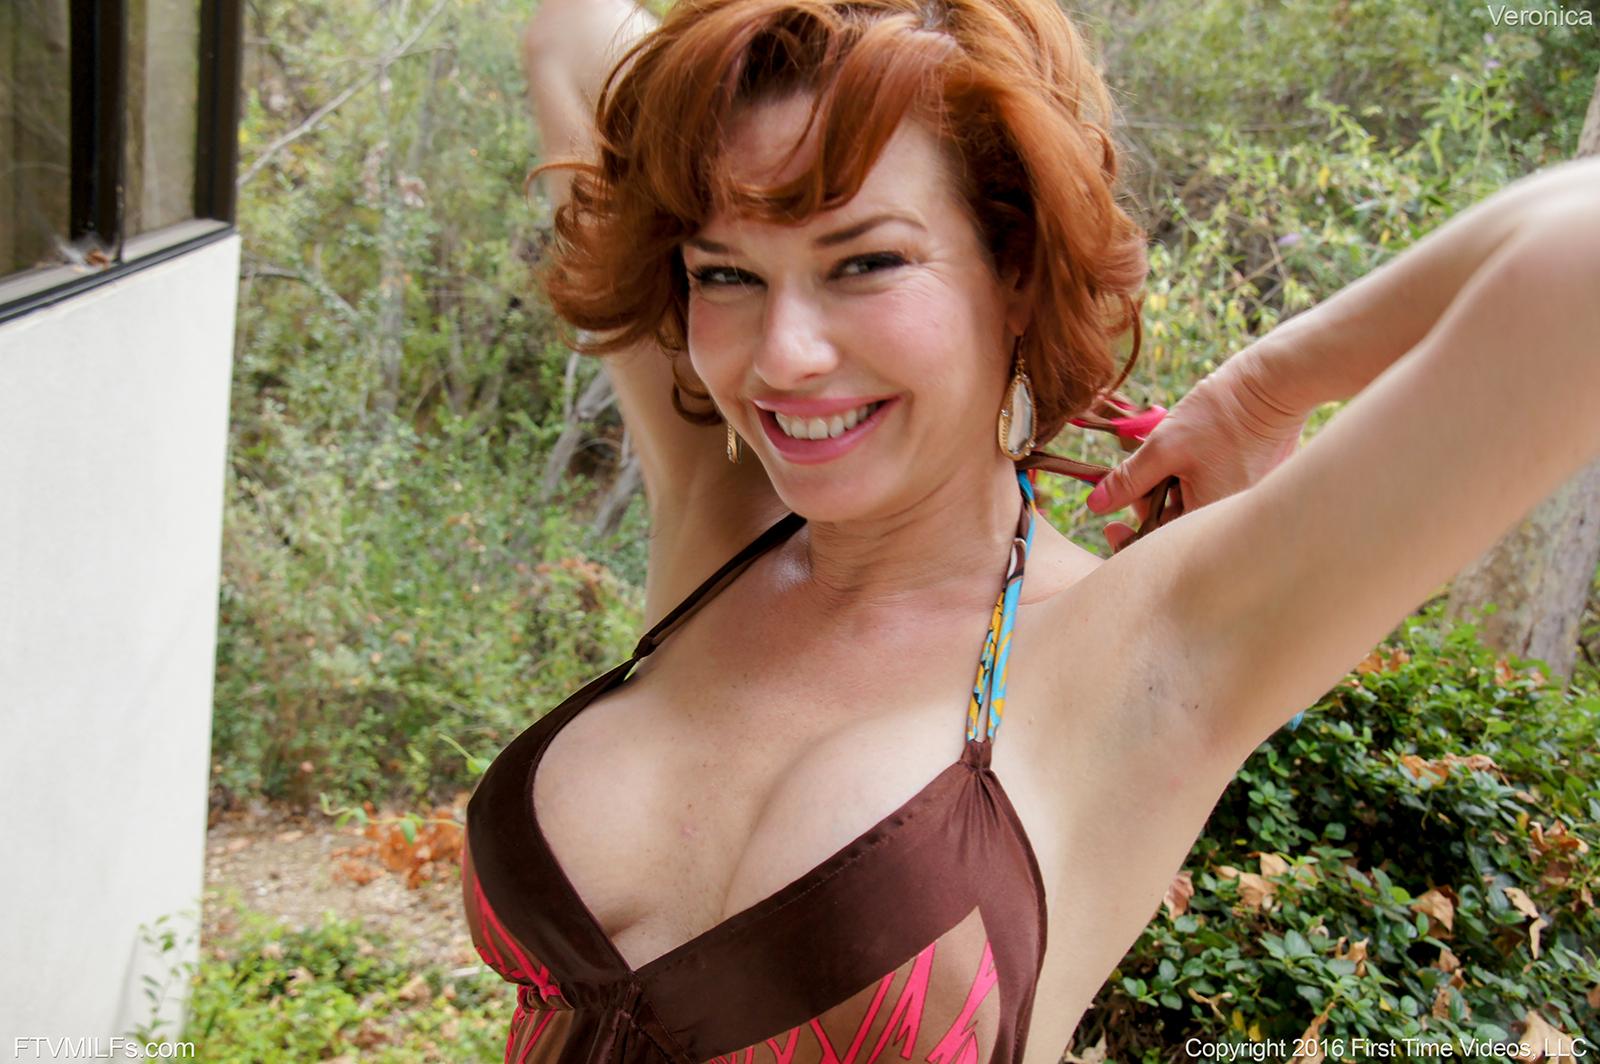 FTV Milfs Veronica Love Of Sprinkles - FTVMilfs.com